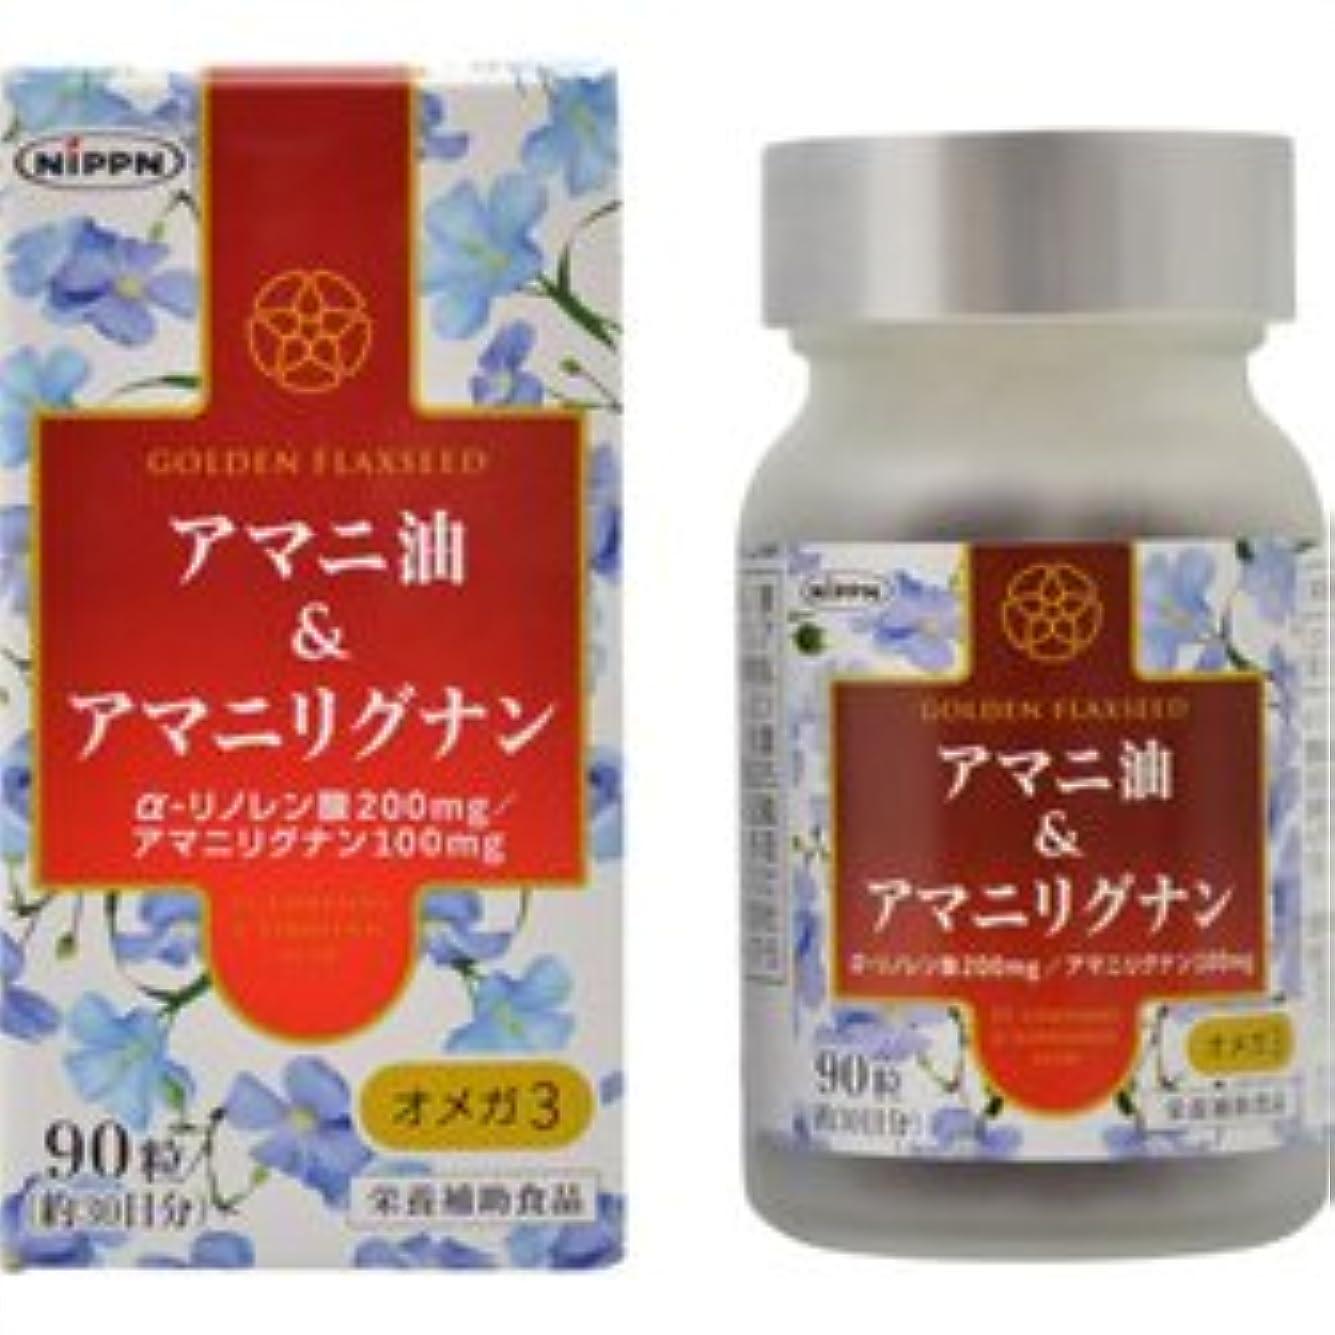 航空機ミキサー来て【日本製粉】アマニ油&アマニリグナン 90粒 ×5個セット